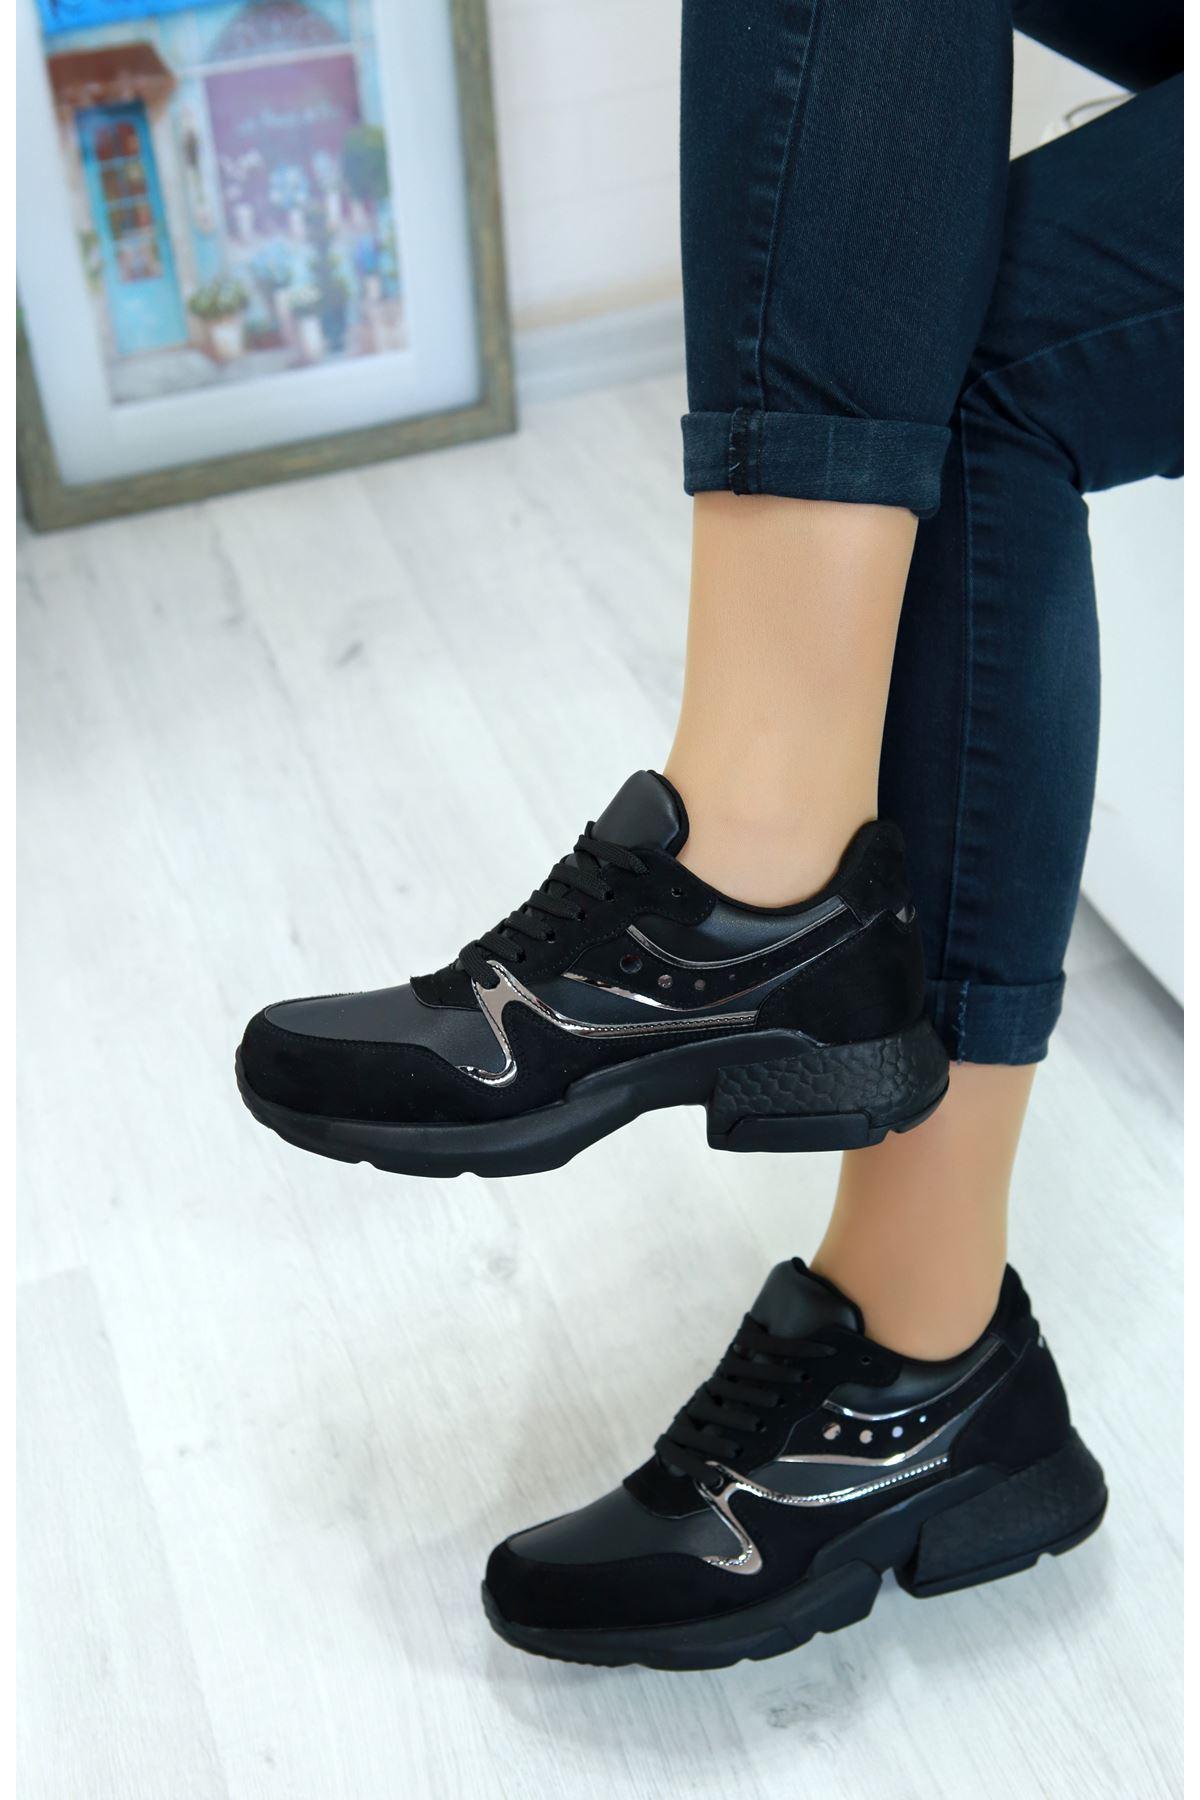 Marzo Siyah Lame İthal Süet Bayan Spor Ayakkabı